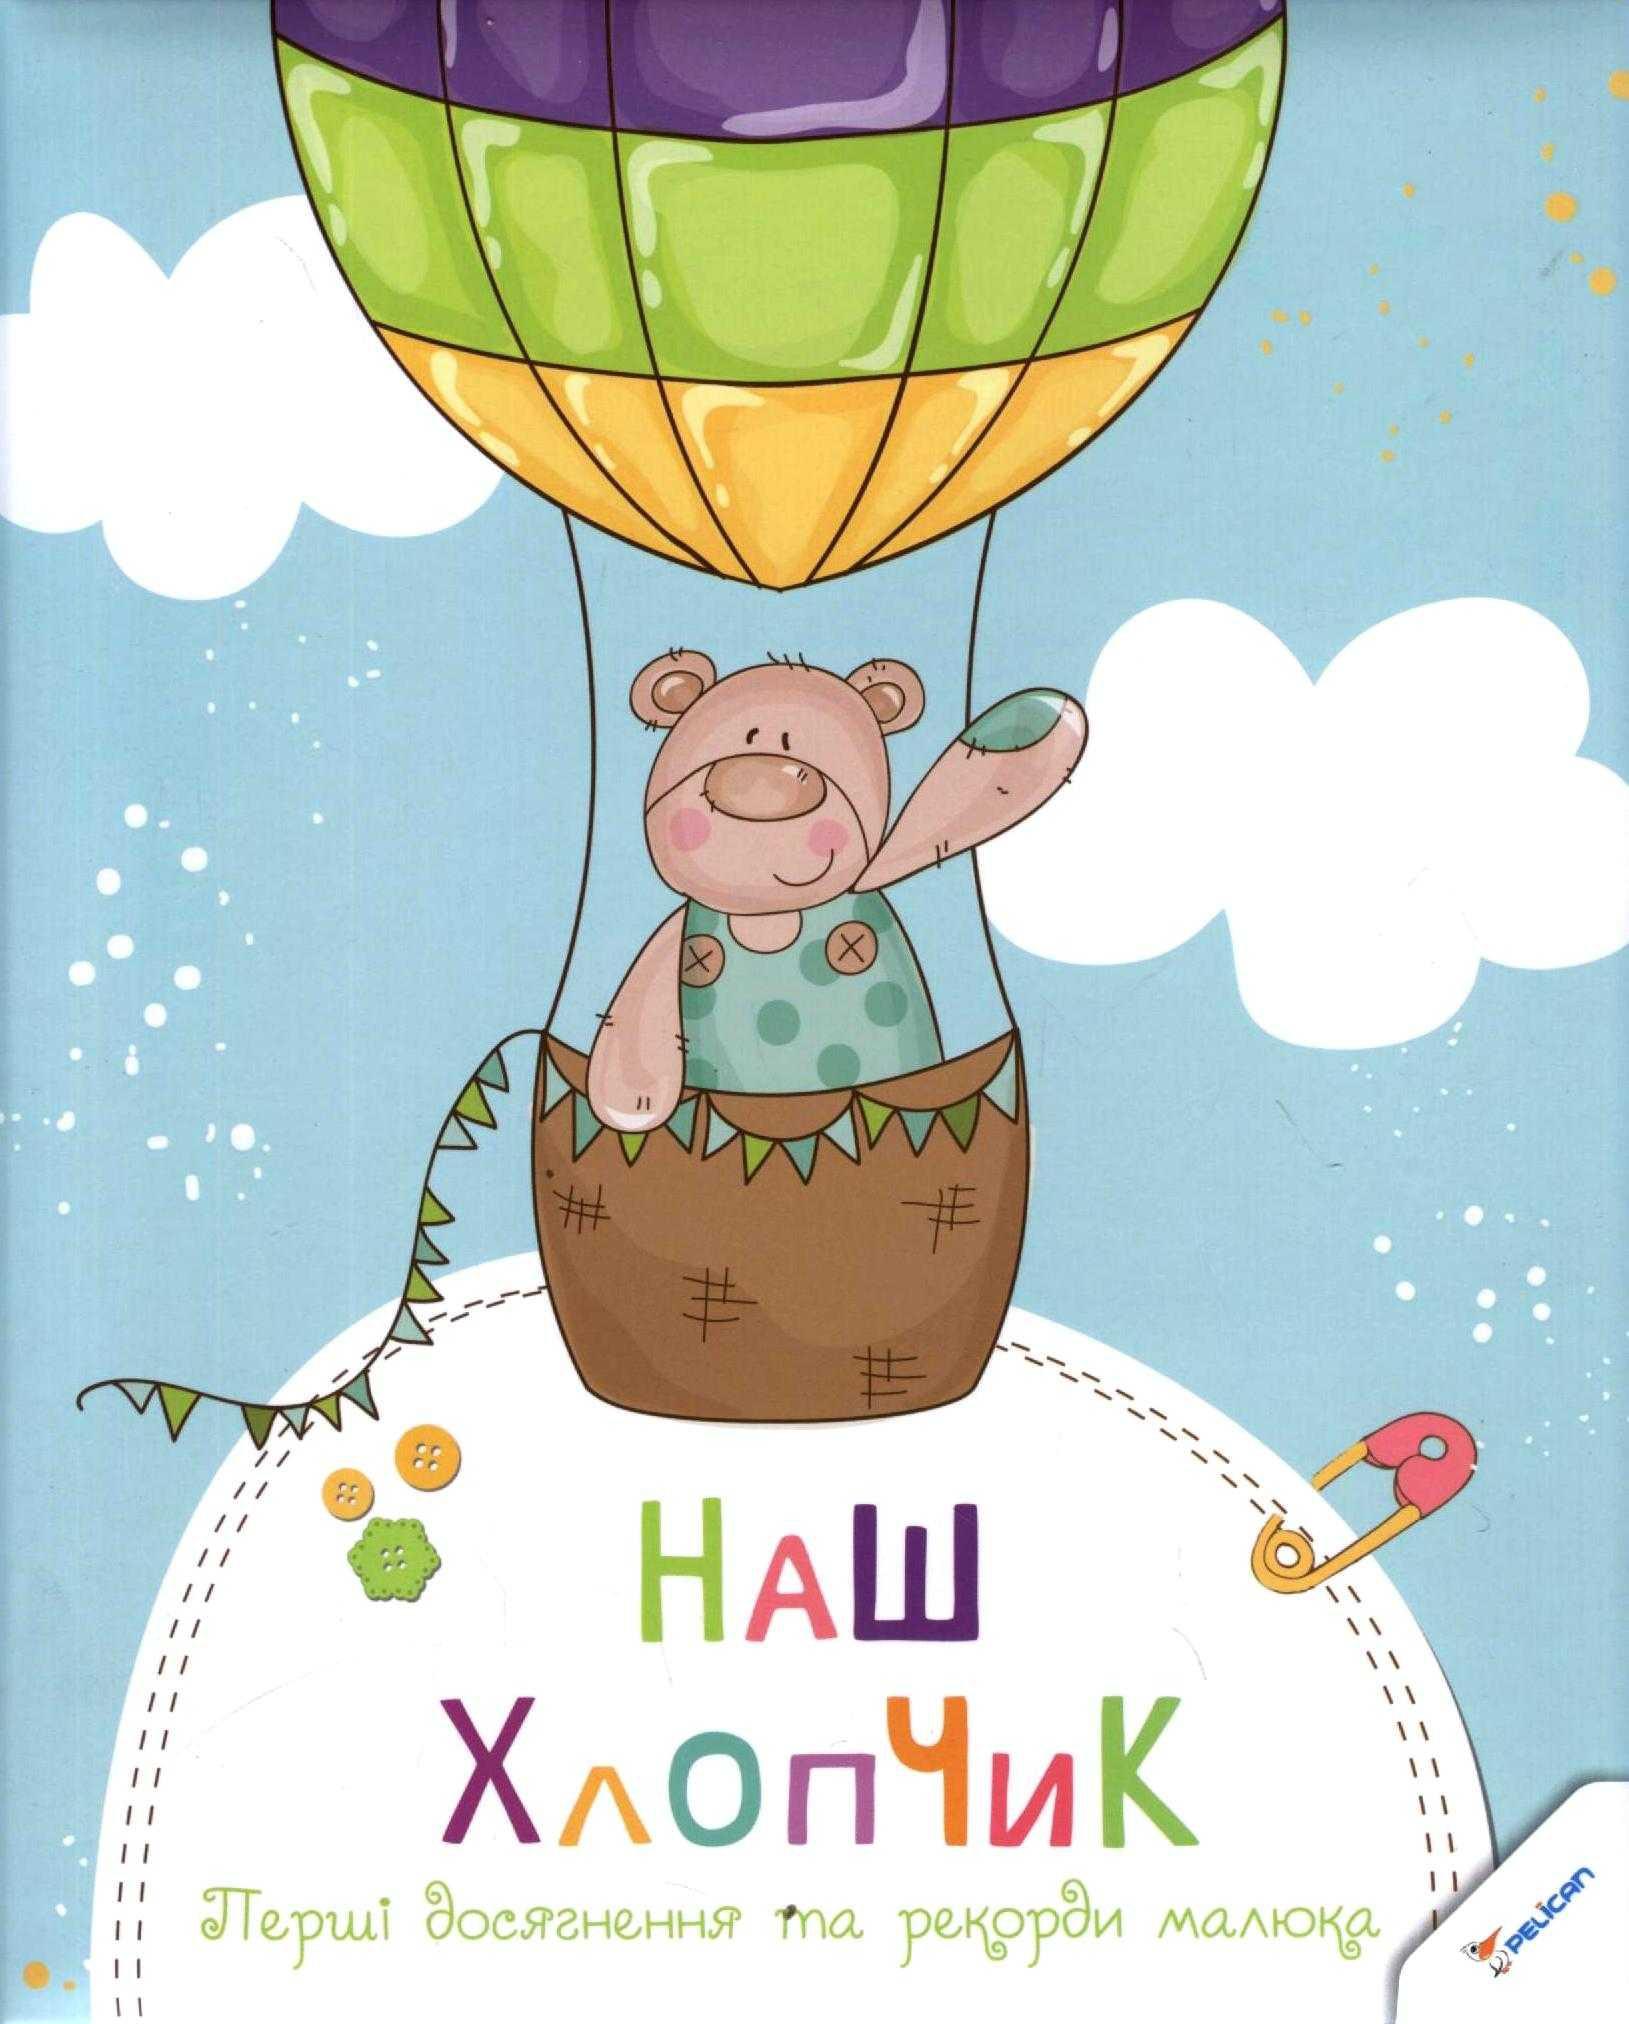 Купить Наш хлопчик. Перші досягнення та рекорди малюка, Наталя Олянишина, 978-617-7269-96-9